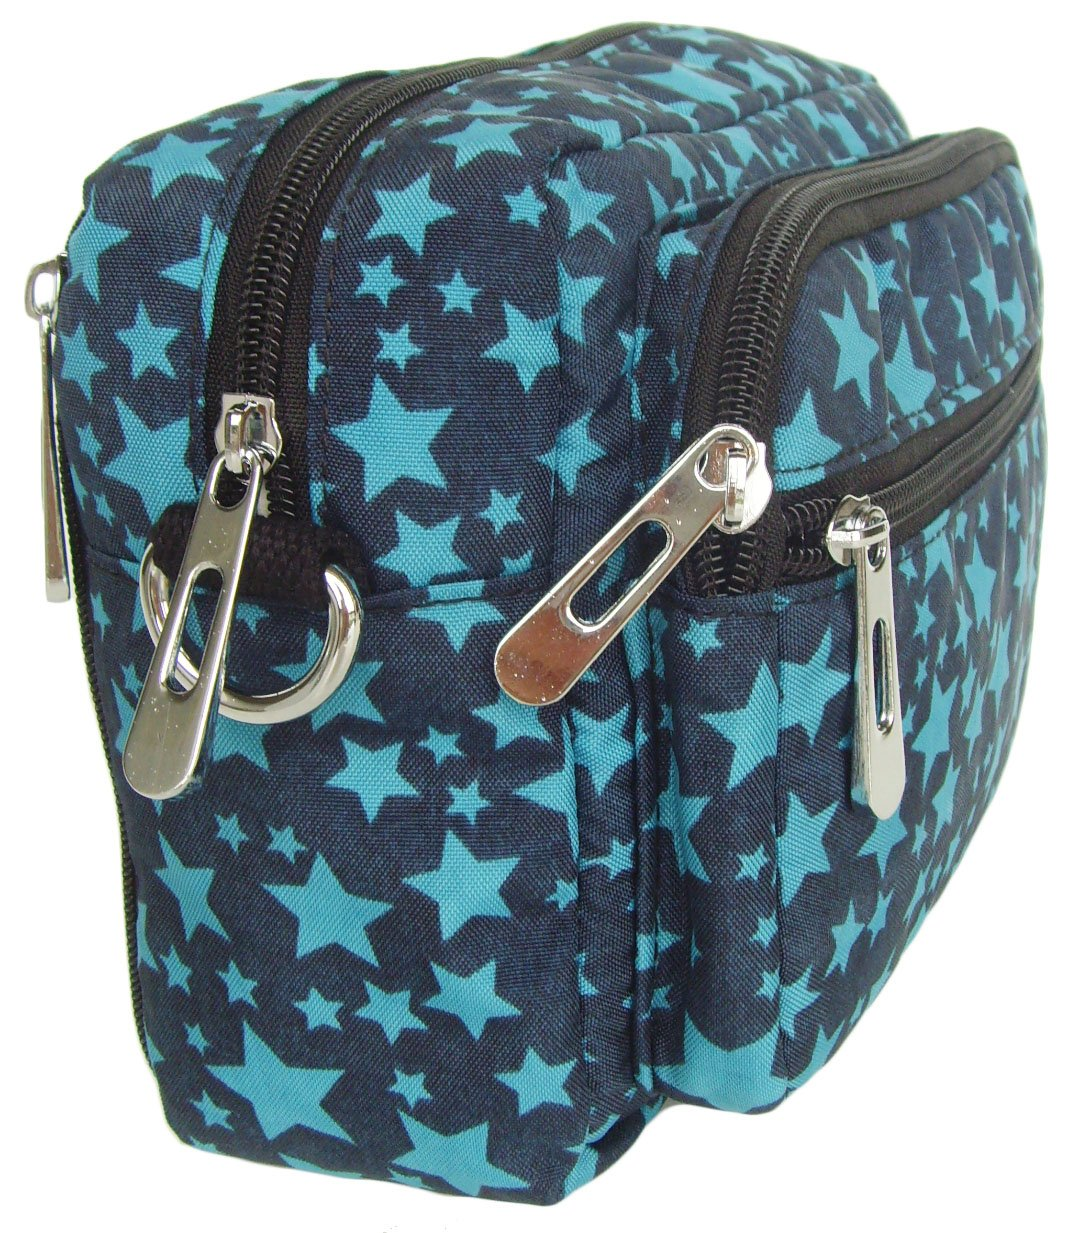 HONG YE Pure Stripe Slouch Bag,sku:hb81blue2